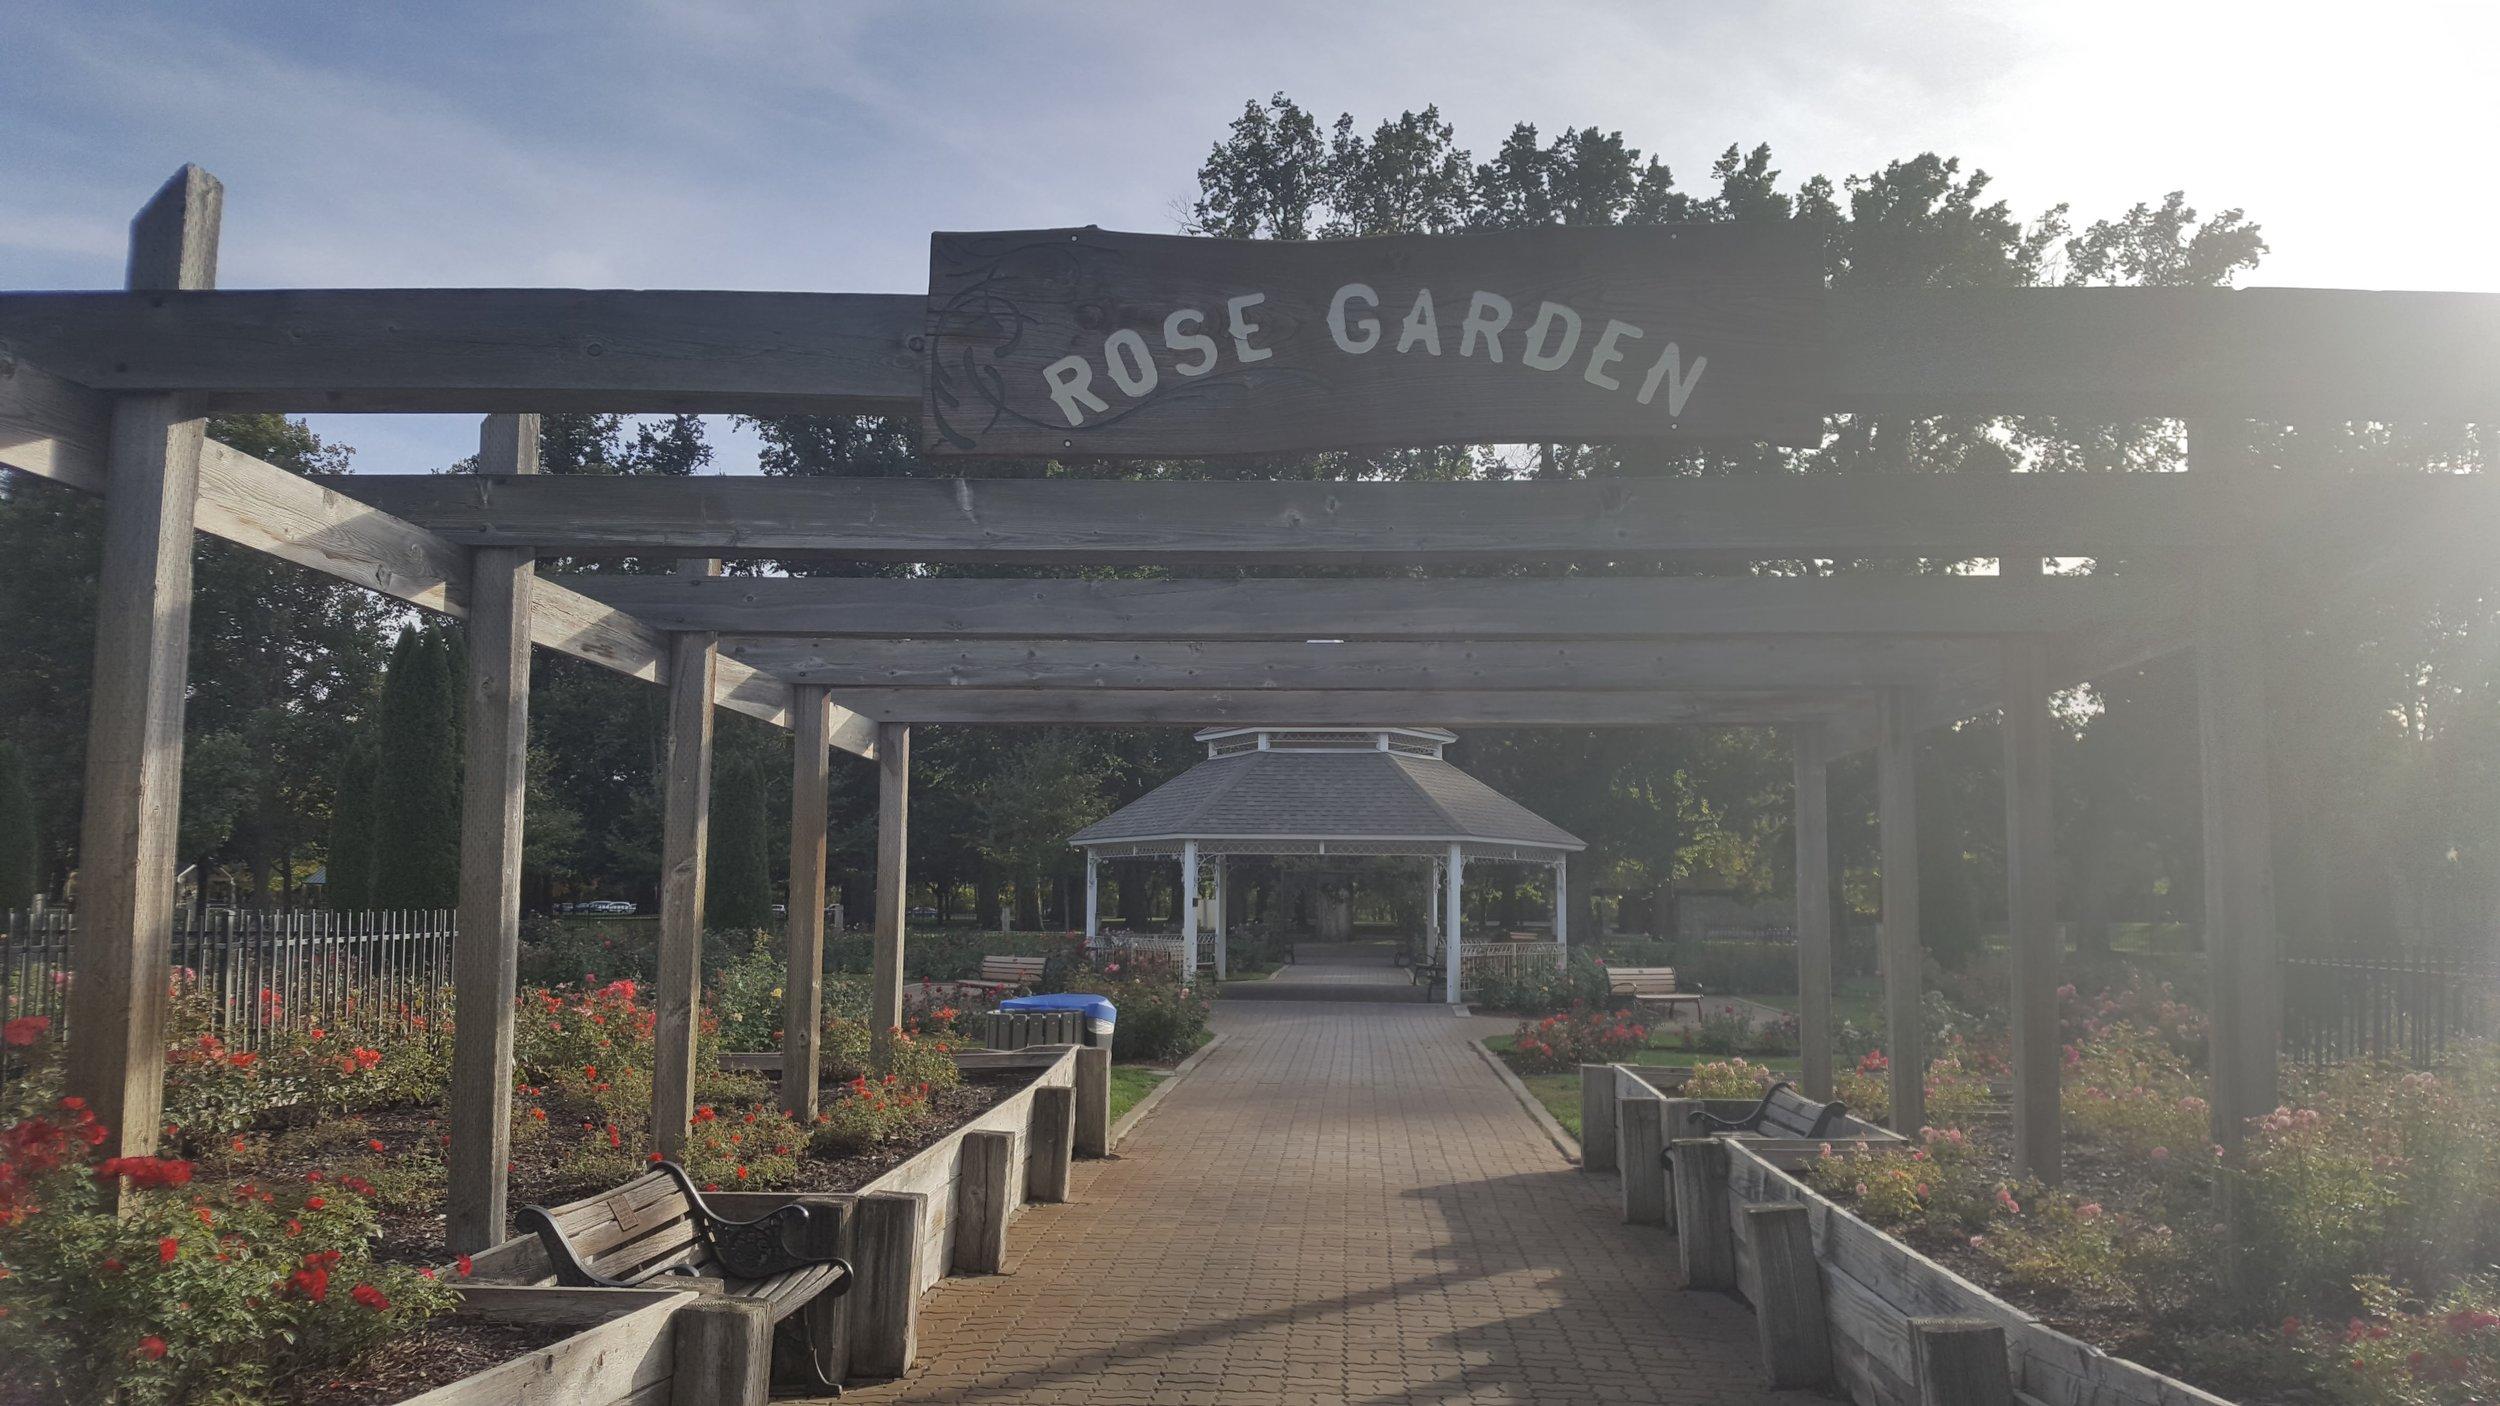 rose garden6.jpg